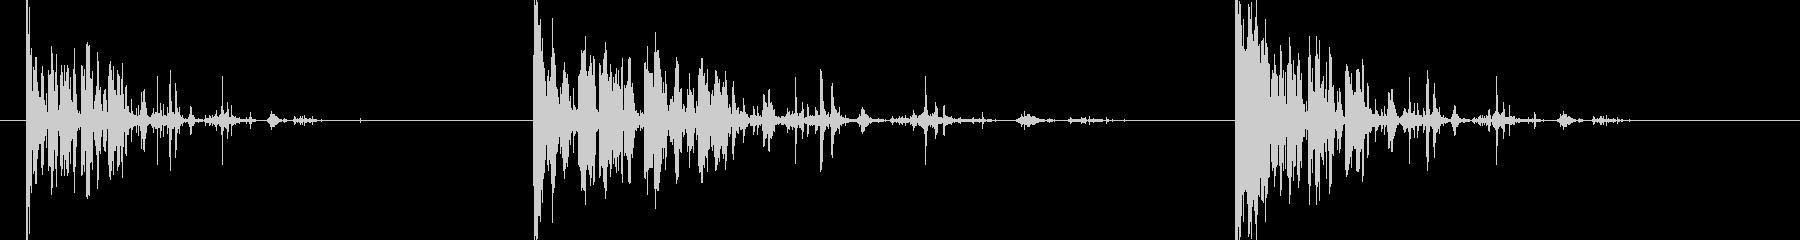 スロービッグロックヒットとスライド、3倍の未再生の波形